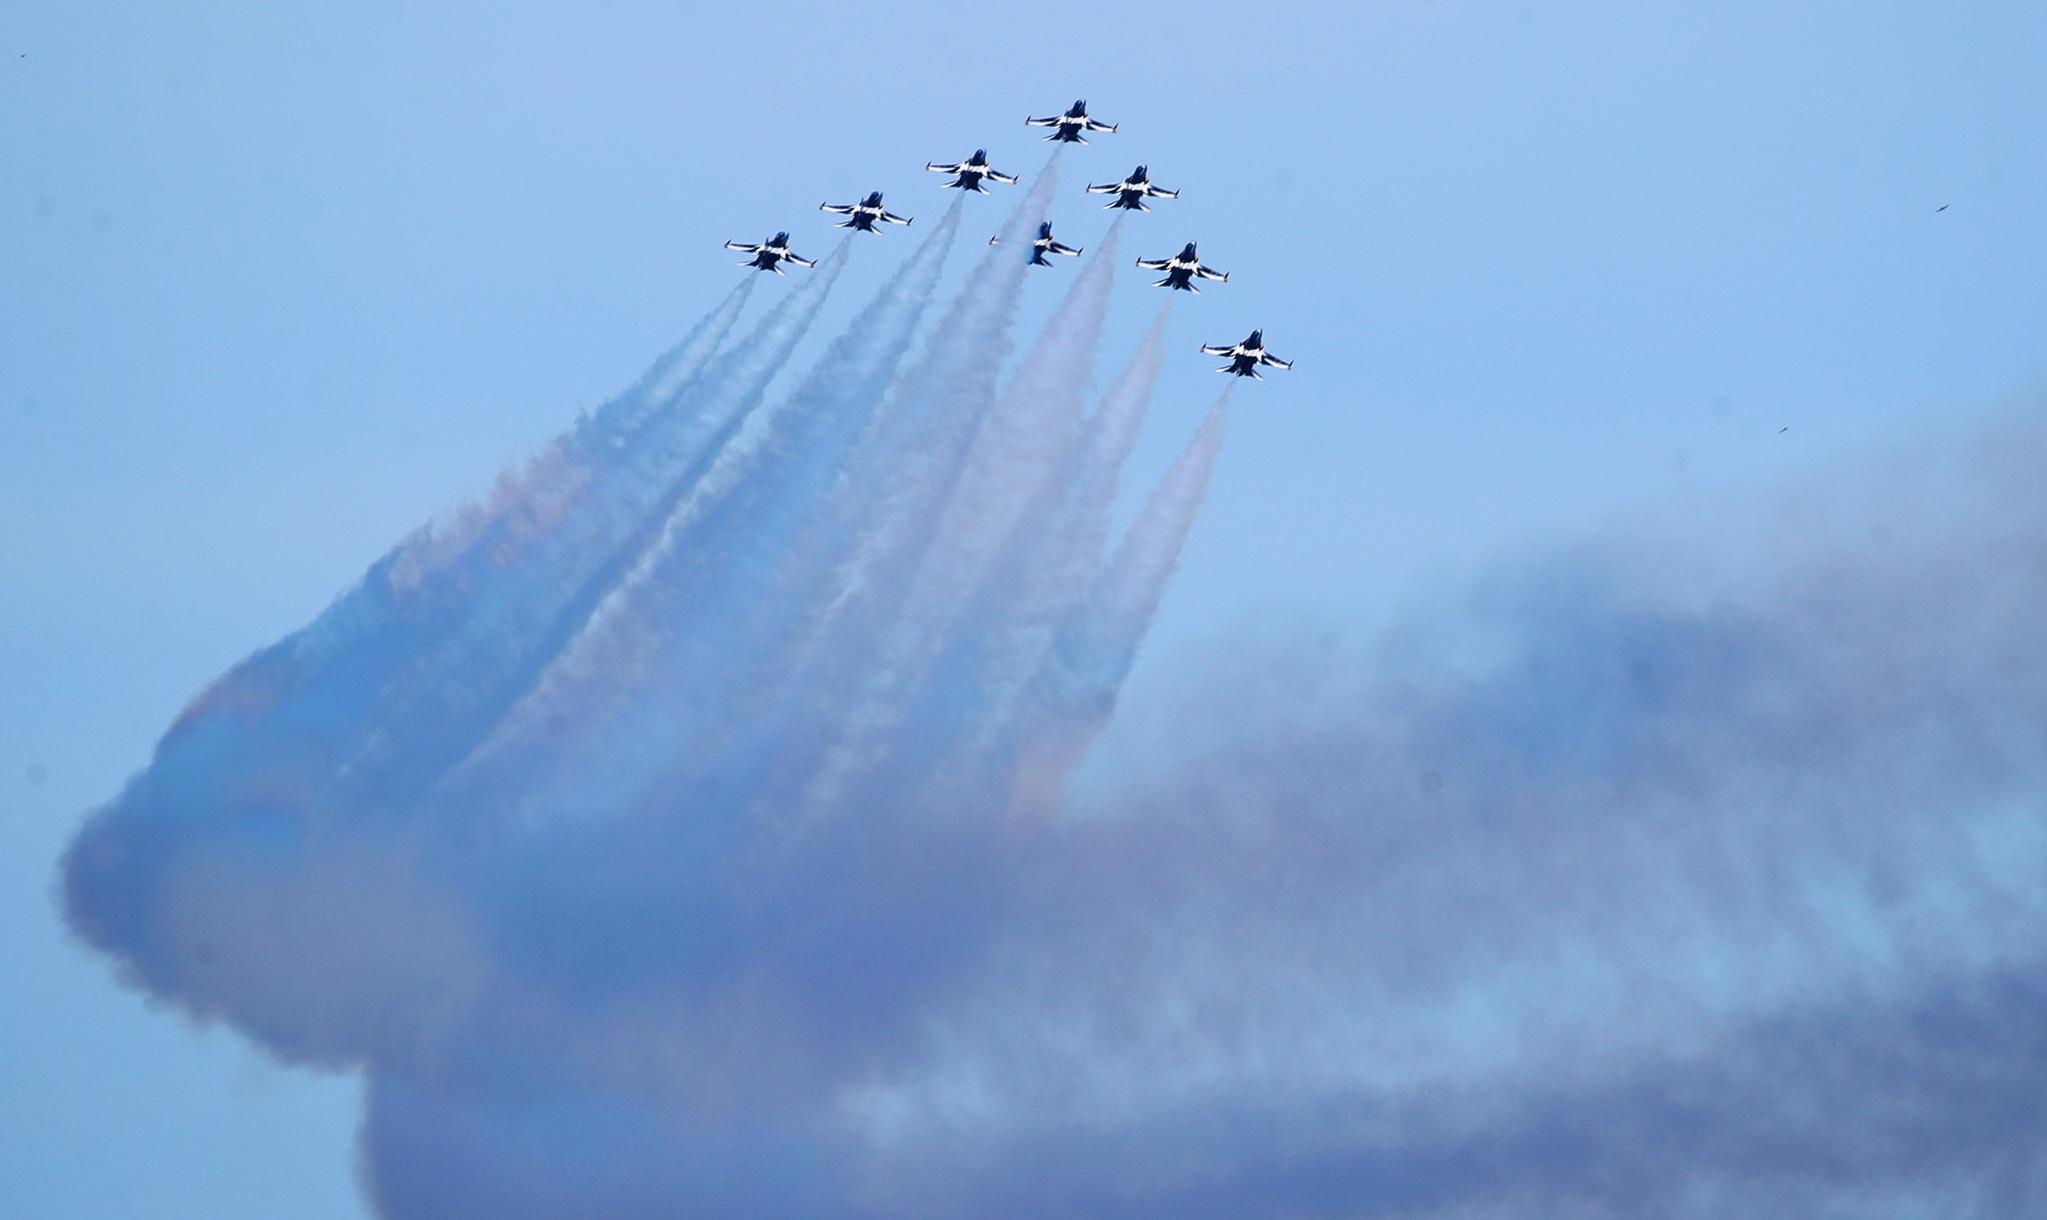 지난 6월 23일 오후 부산 상공에서 대한민국 공군 특수비행팀 '블랙이글스'가 연습 비행을 하고 있다. 뉴스1